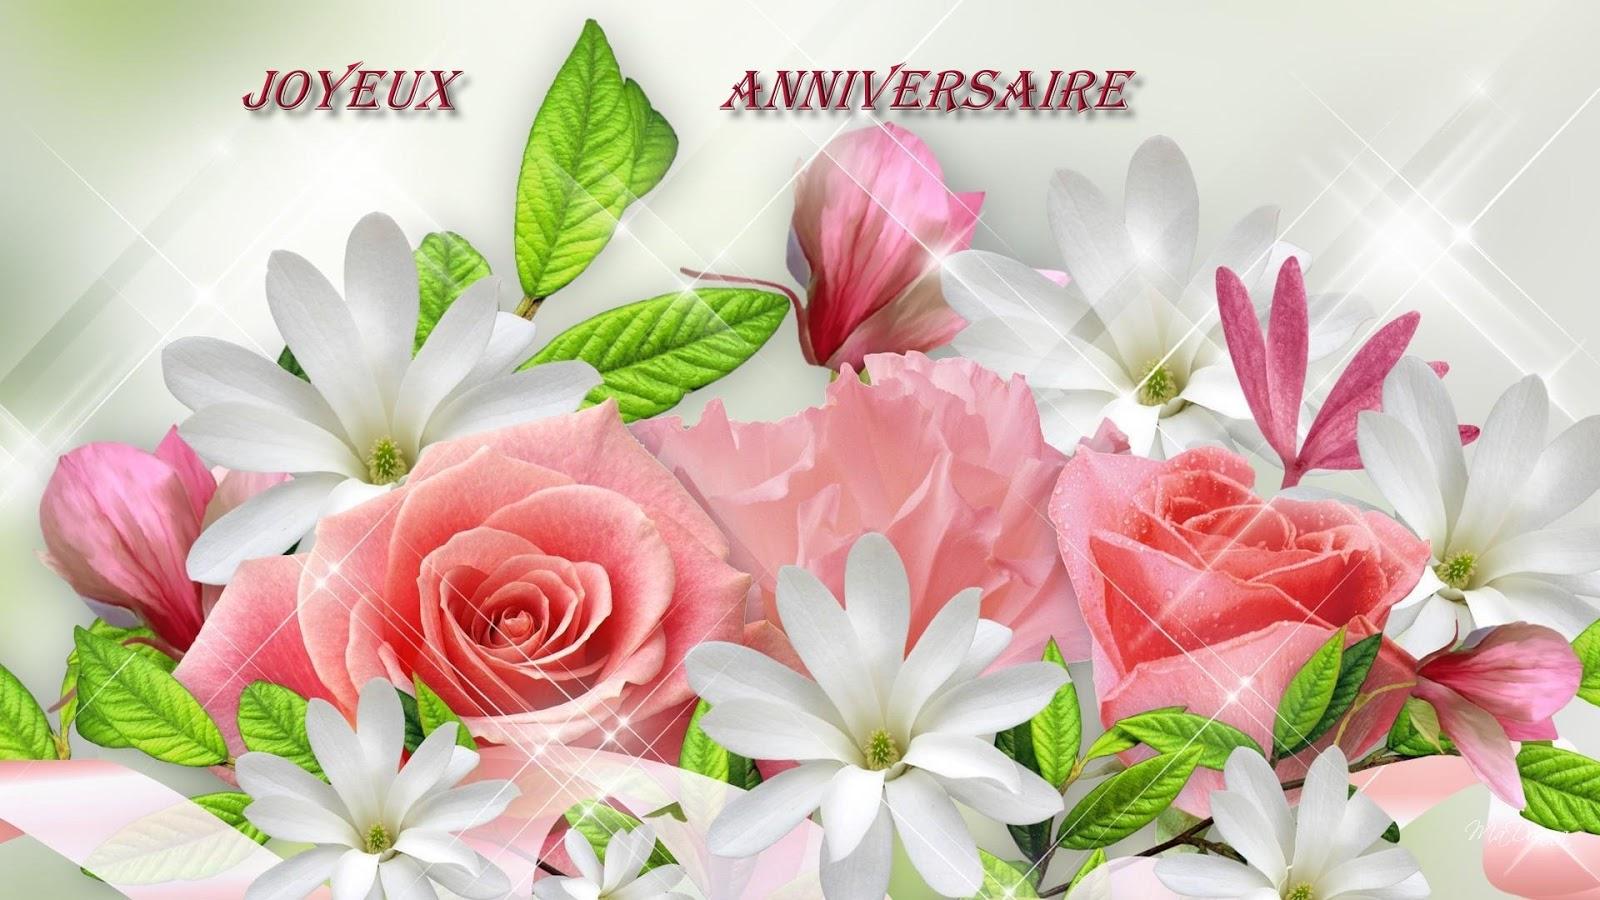 Cartes anniversaire images partager entre amis for Plat a partager entre amis